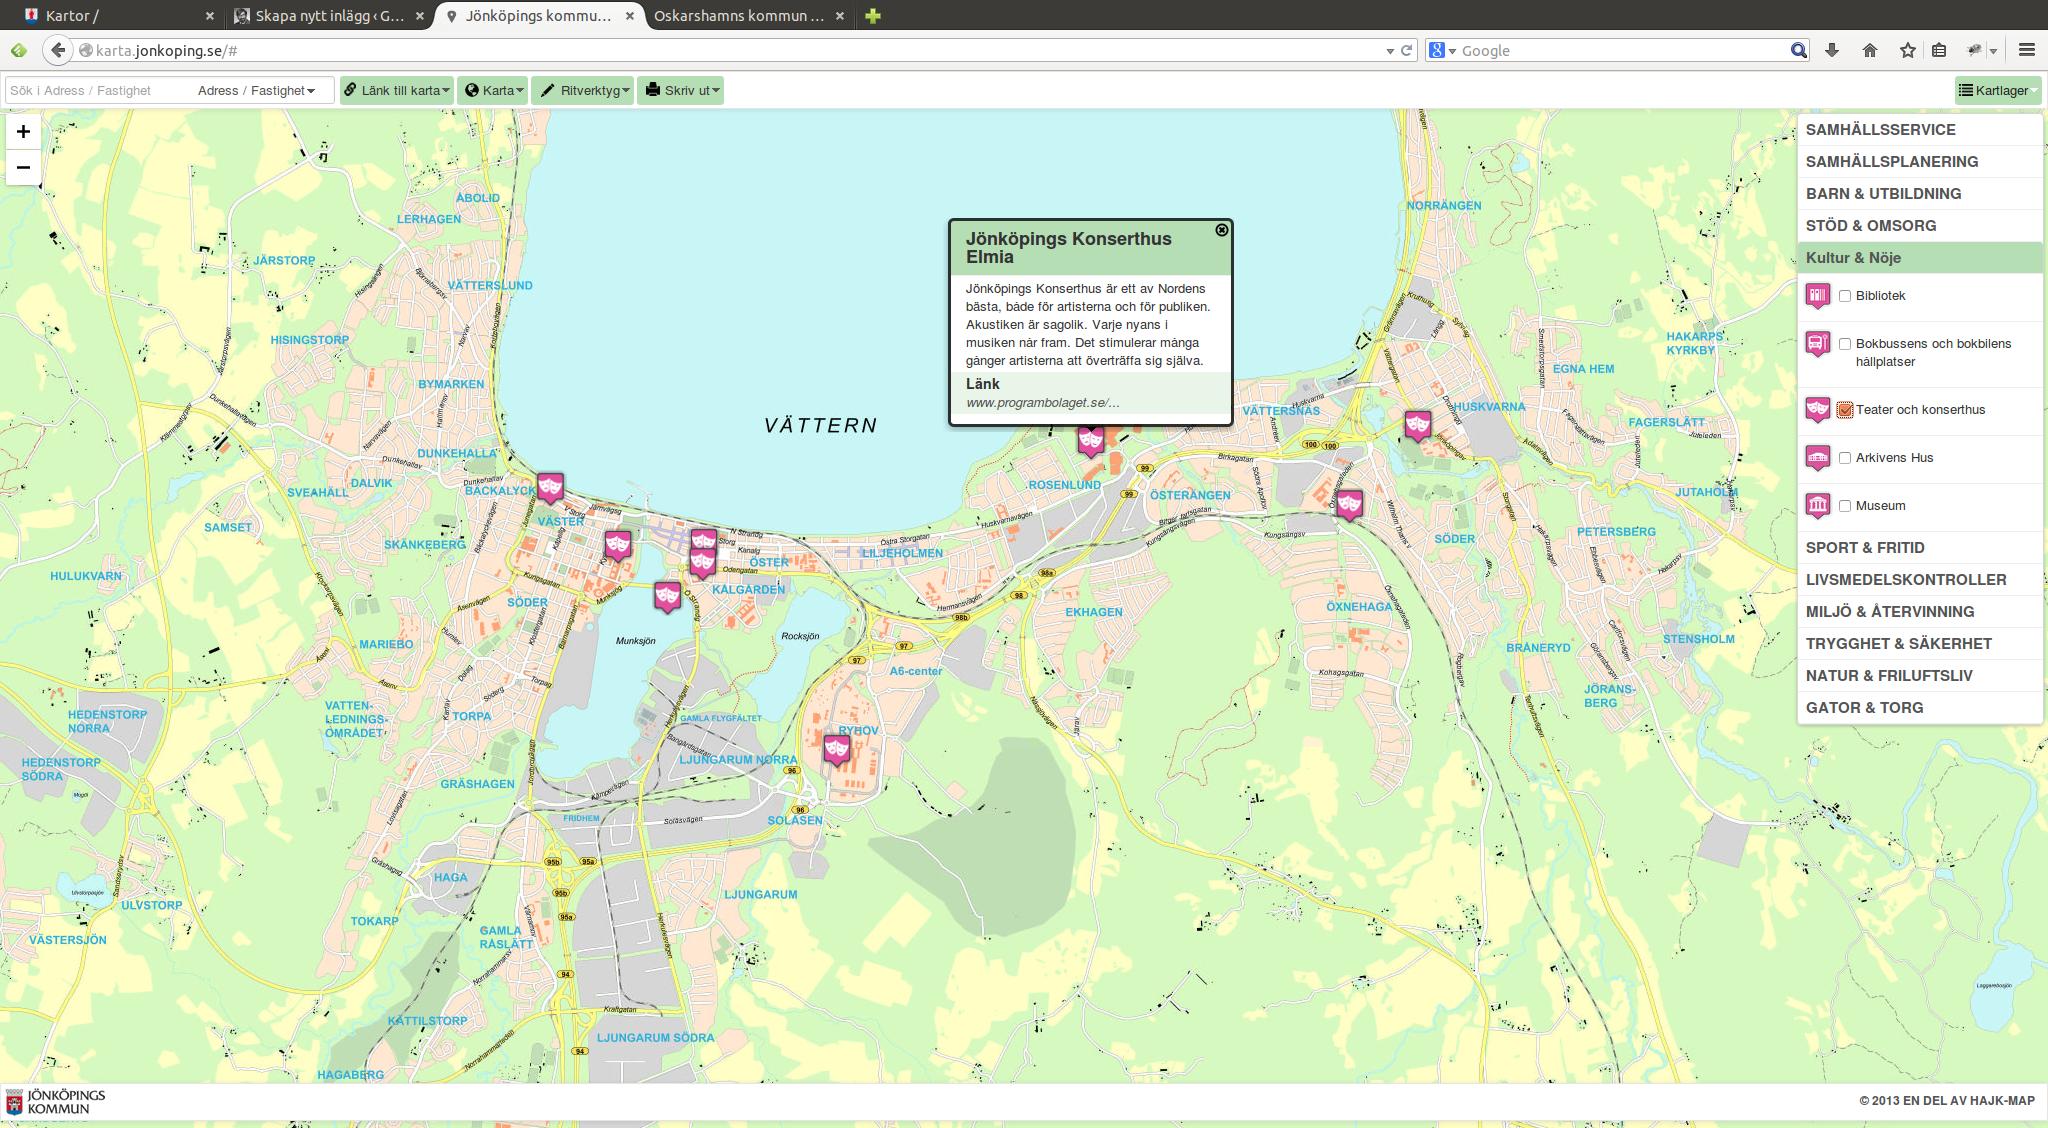 Screenshot from 2014-05-02 15:42:21